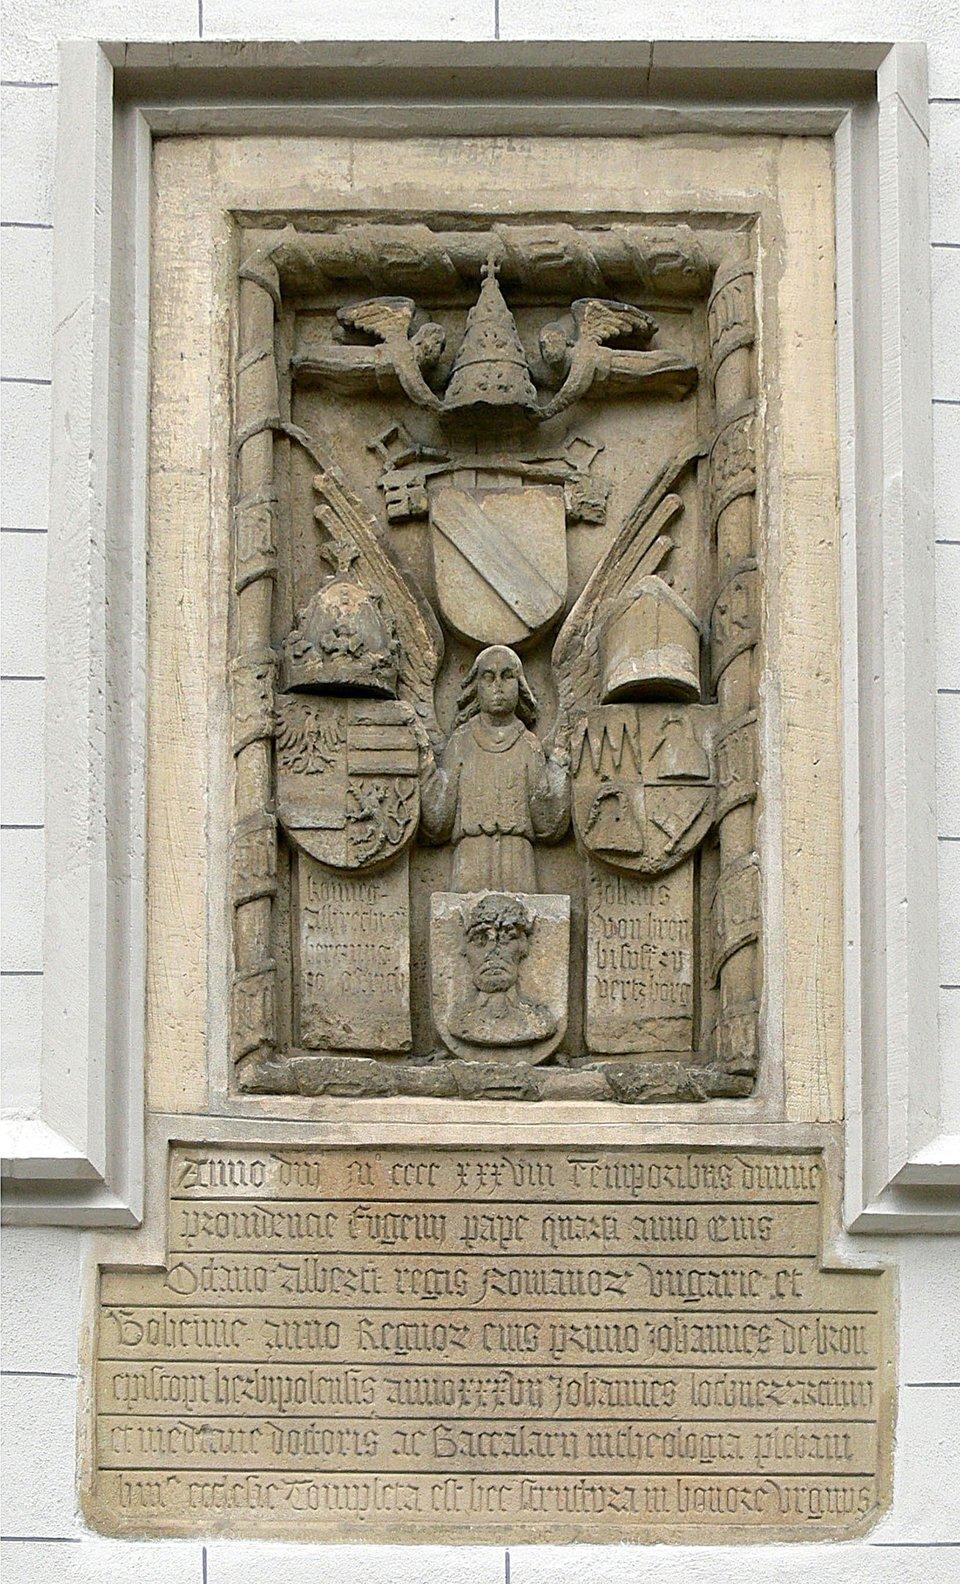 Tablica herbowa zkościoła wHassfurt (Niemcy) Jedna z248 tablic herbowych umieszczonych wKaplicy Rycerskiej św. Marii wmiejscowości Hassfurt wNiemczech. Źródło: Tablica herbowa zkościoła wHassfurt (Niemcy), 1431, domena publiczna.